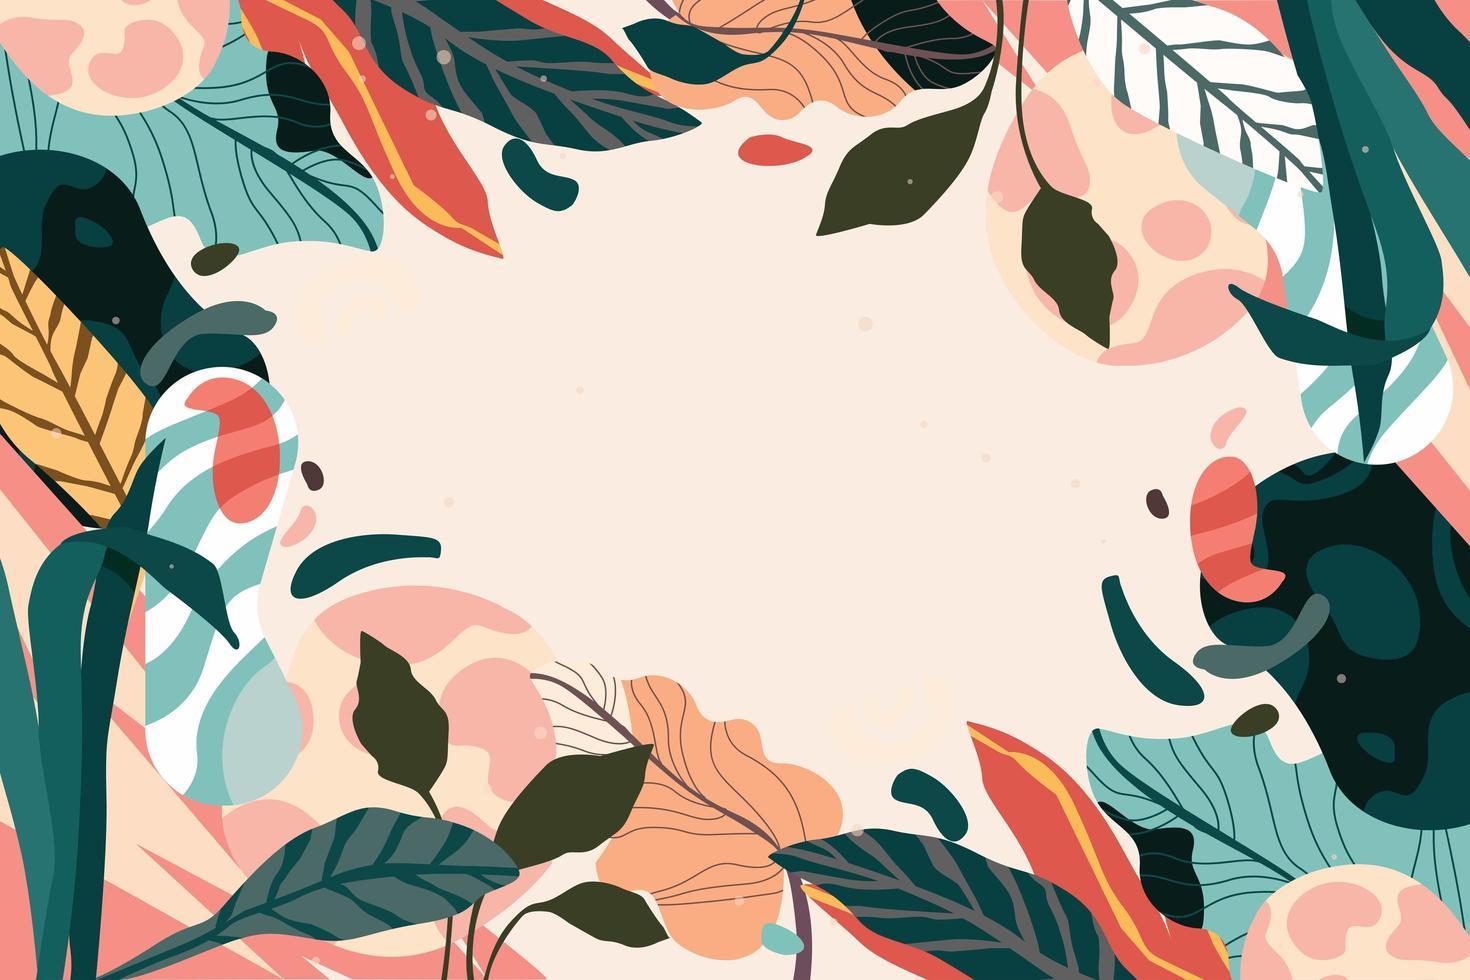 kleurrijke achtergrond van gebladerte en bladeren vector